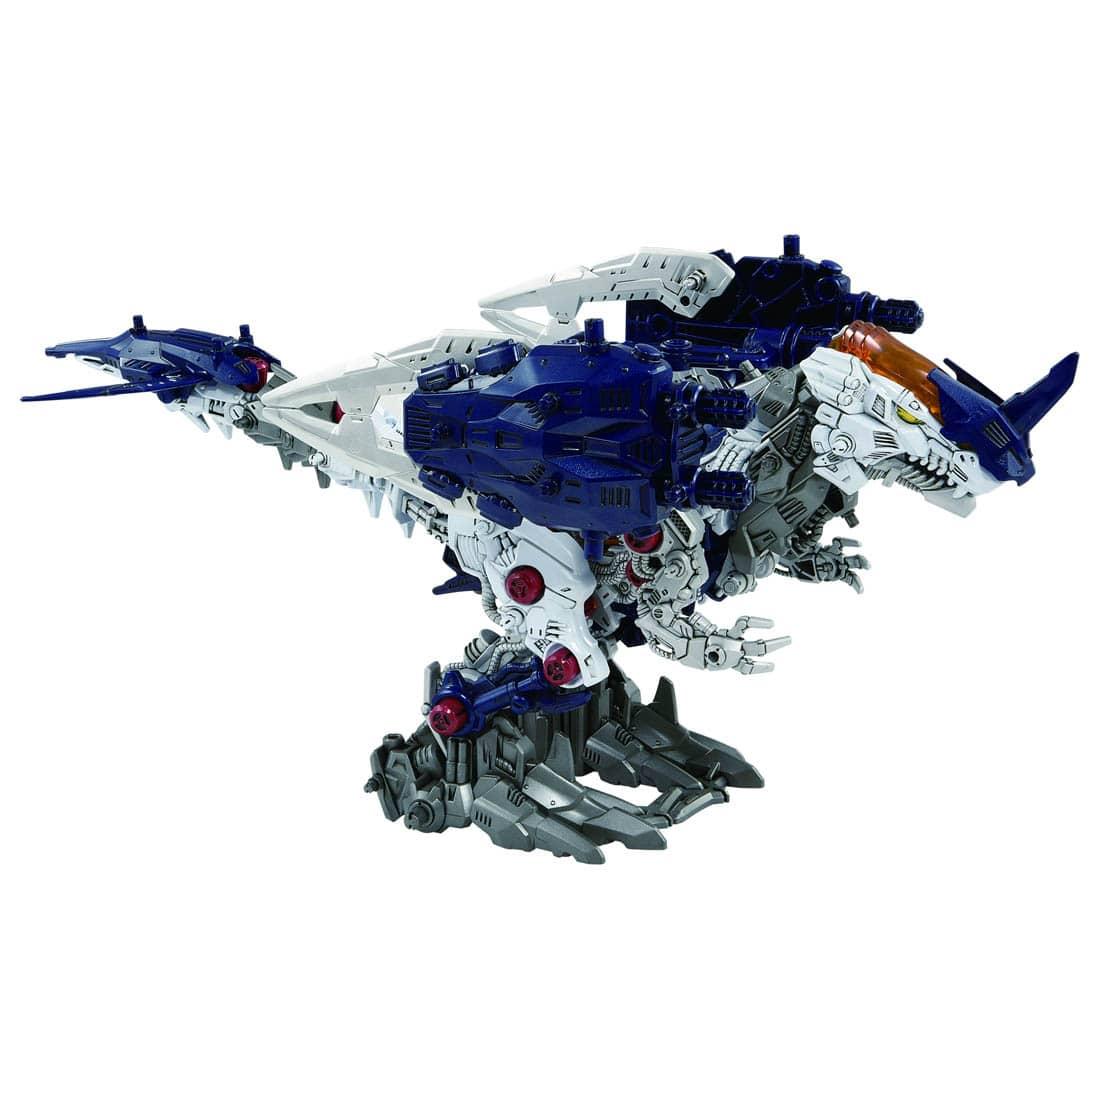 ゾイドワイルド『ZW55 ゼノレックス・シザースXA』組み立て可動フィギュア-006